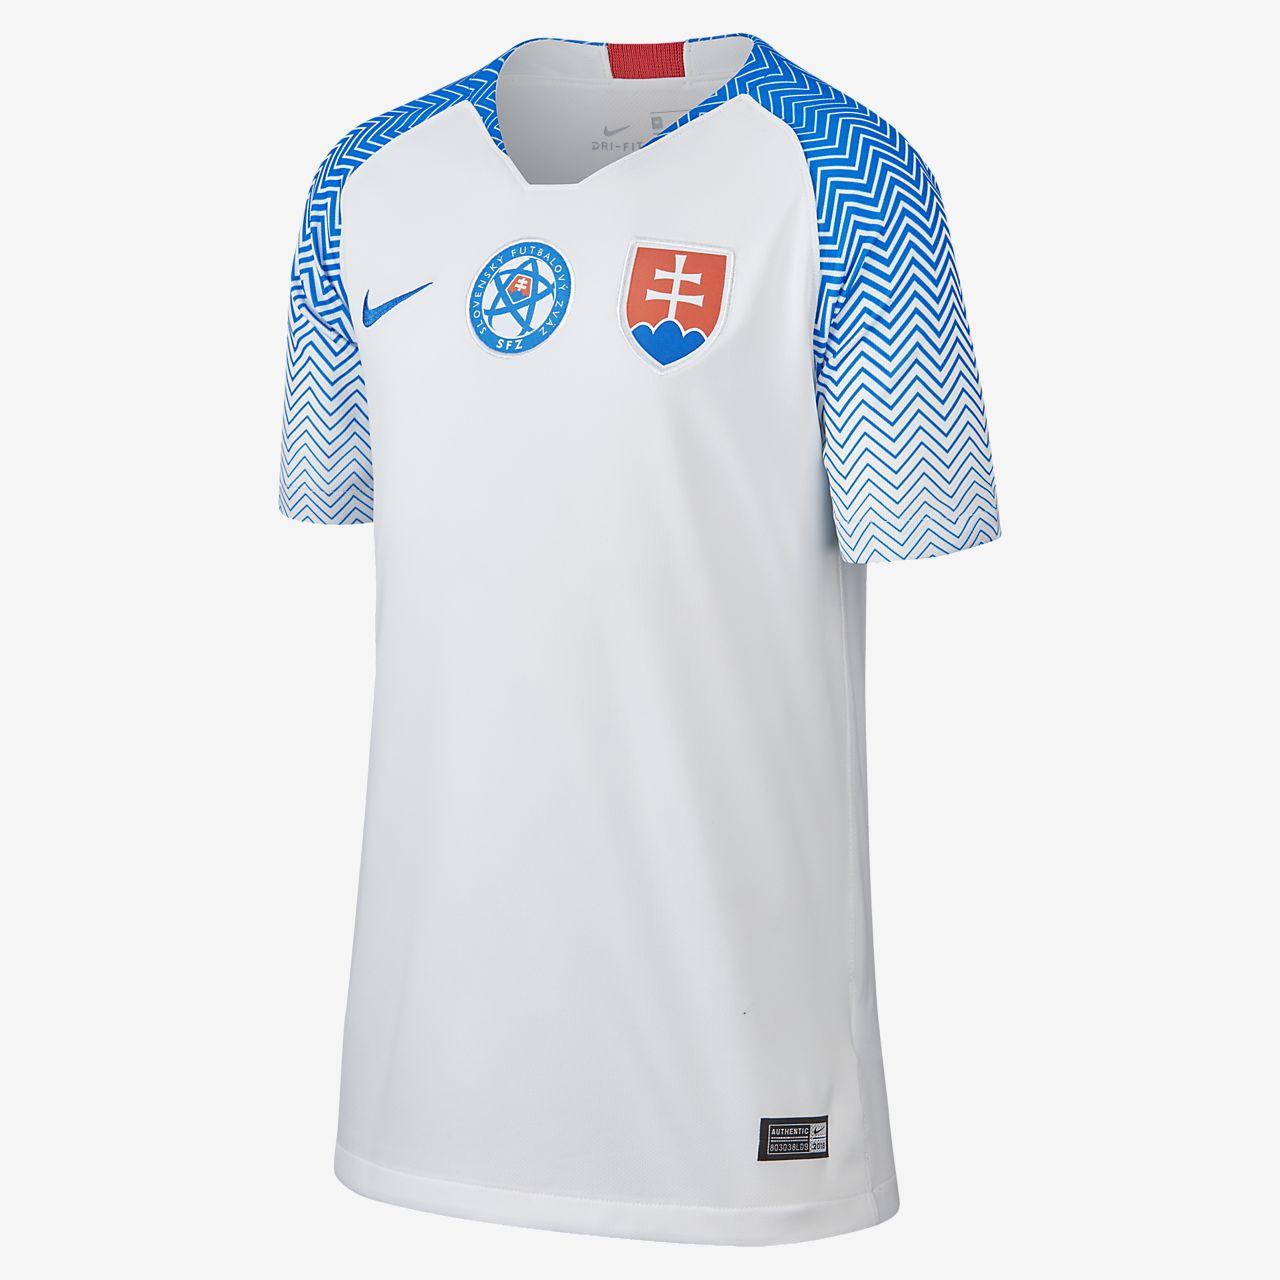 2018 Slovakia Stadium Home Older Kids' Football Shirt